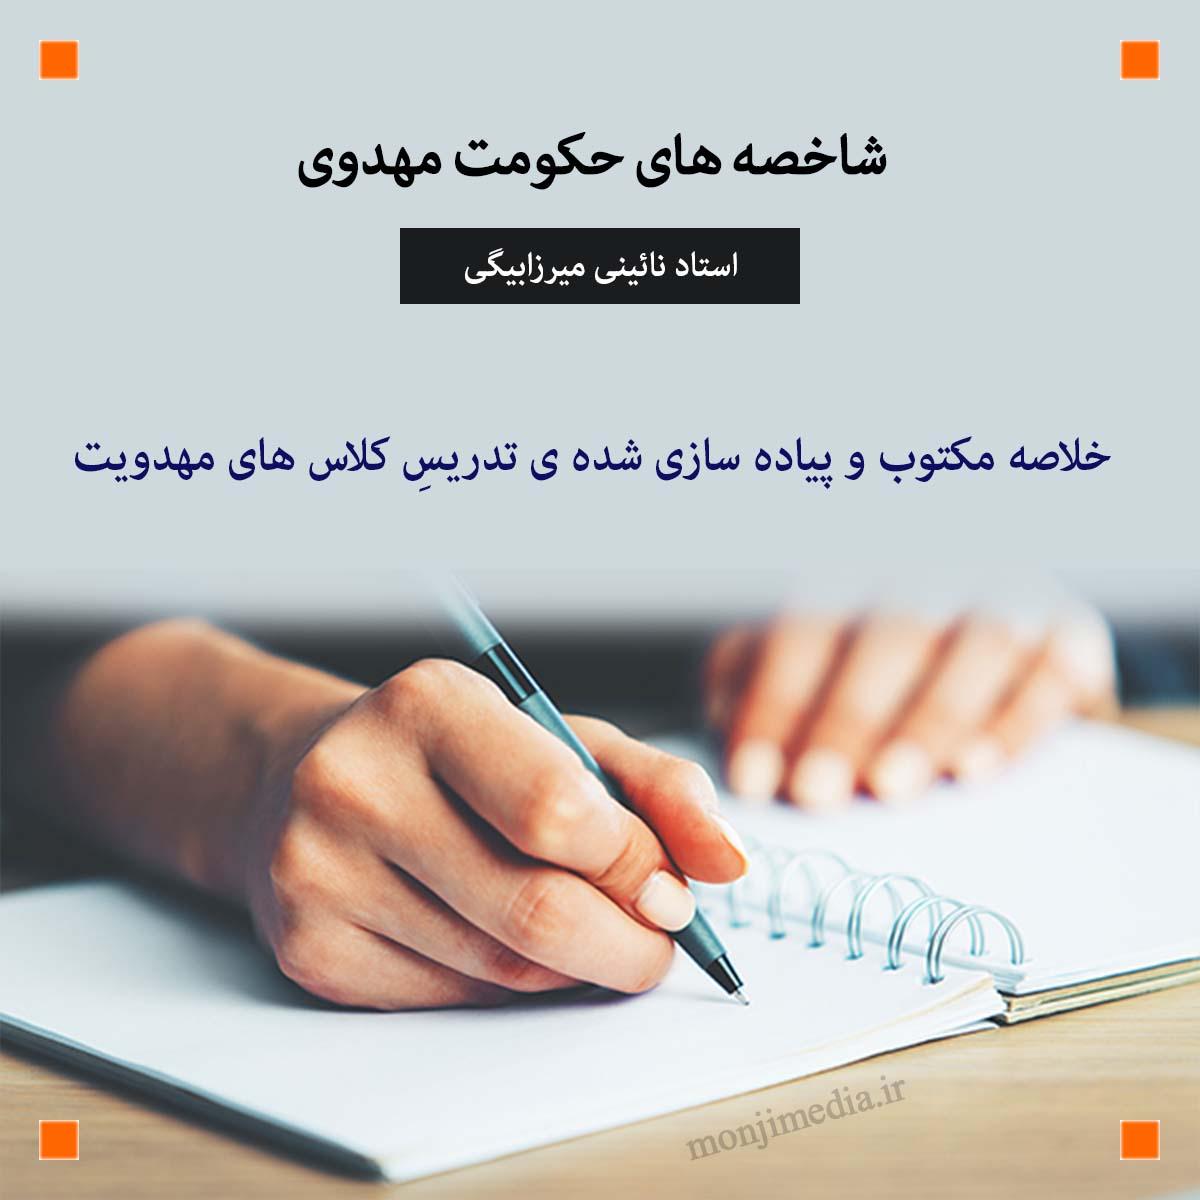 """خلاصه مکتوب """"شاخصه های حکومت مهدوی"""" - استاد نائینی میرزابیگی"""